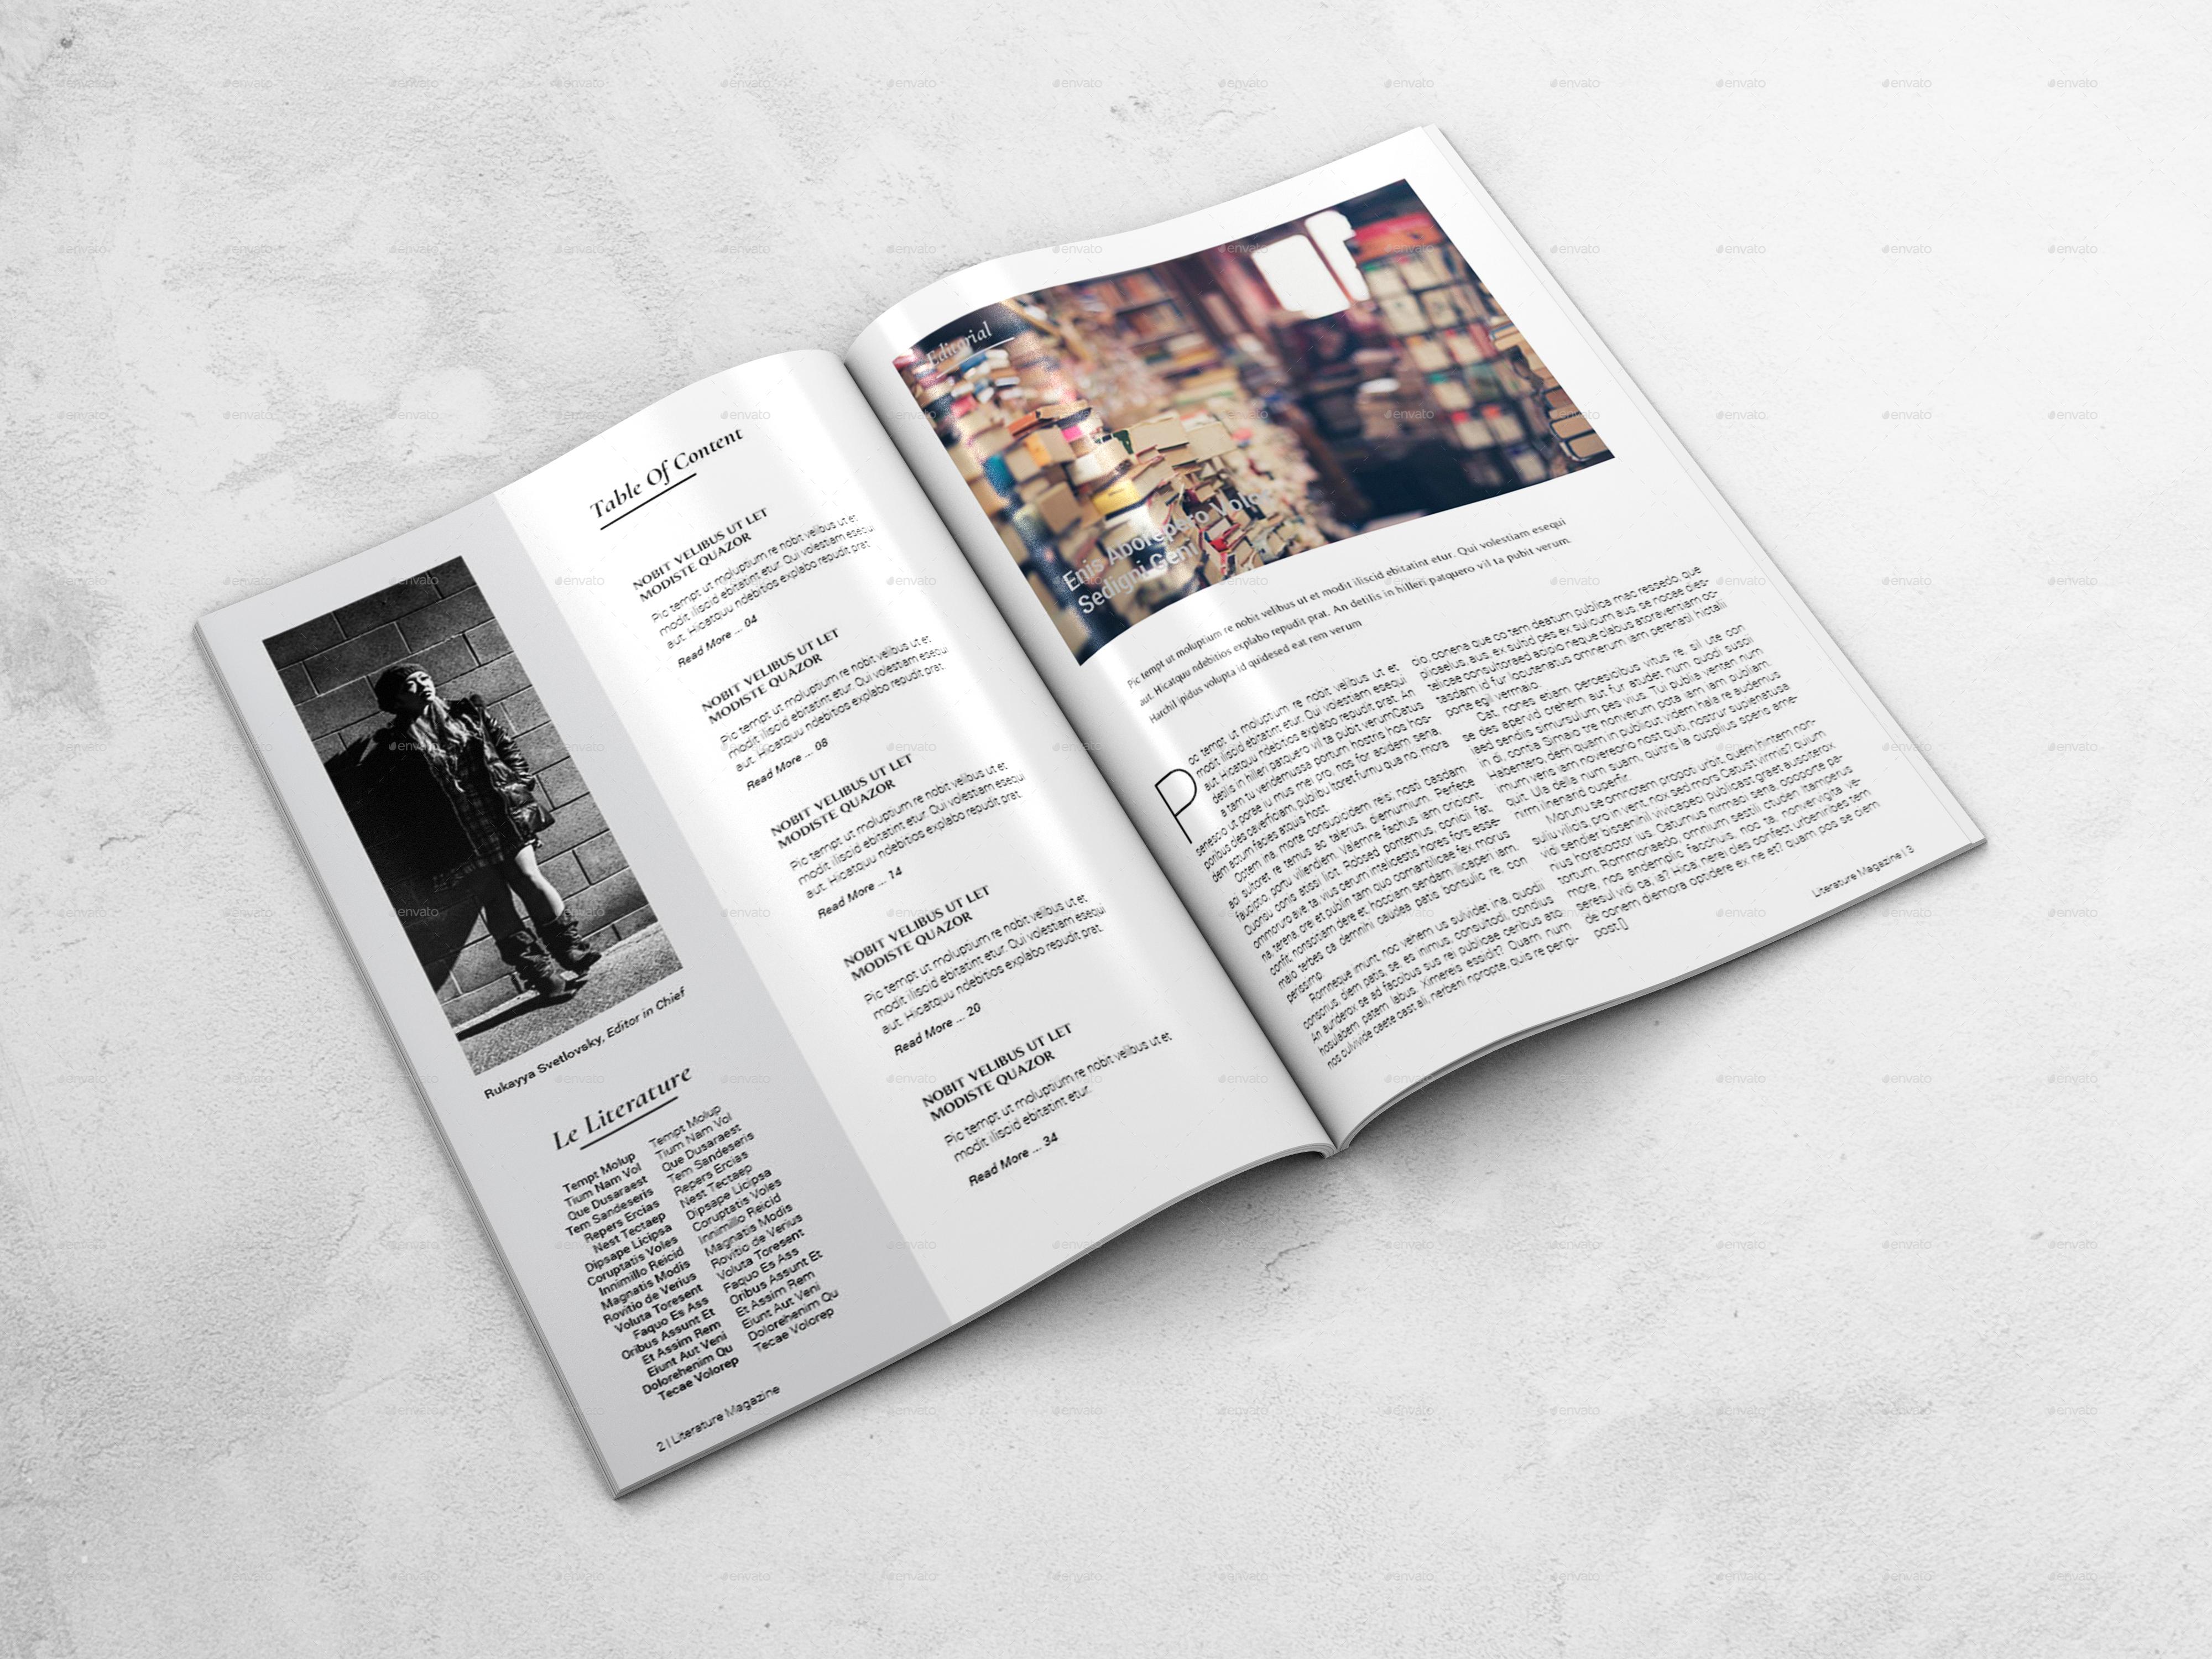 Literature Magazine Template by bookrak | GraphicRiver